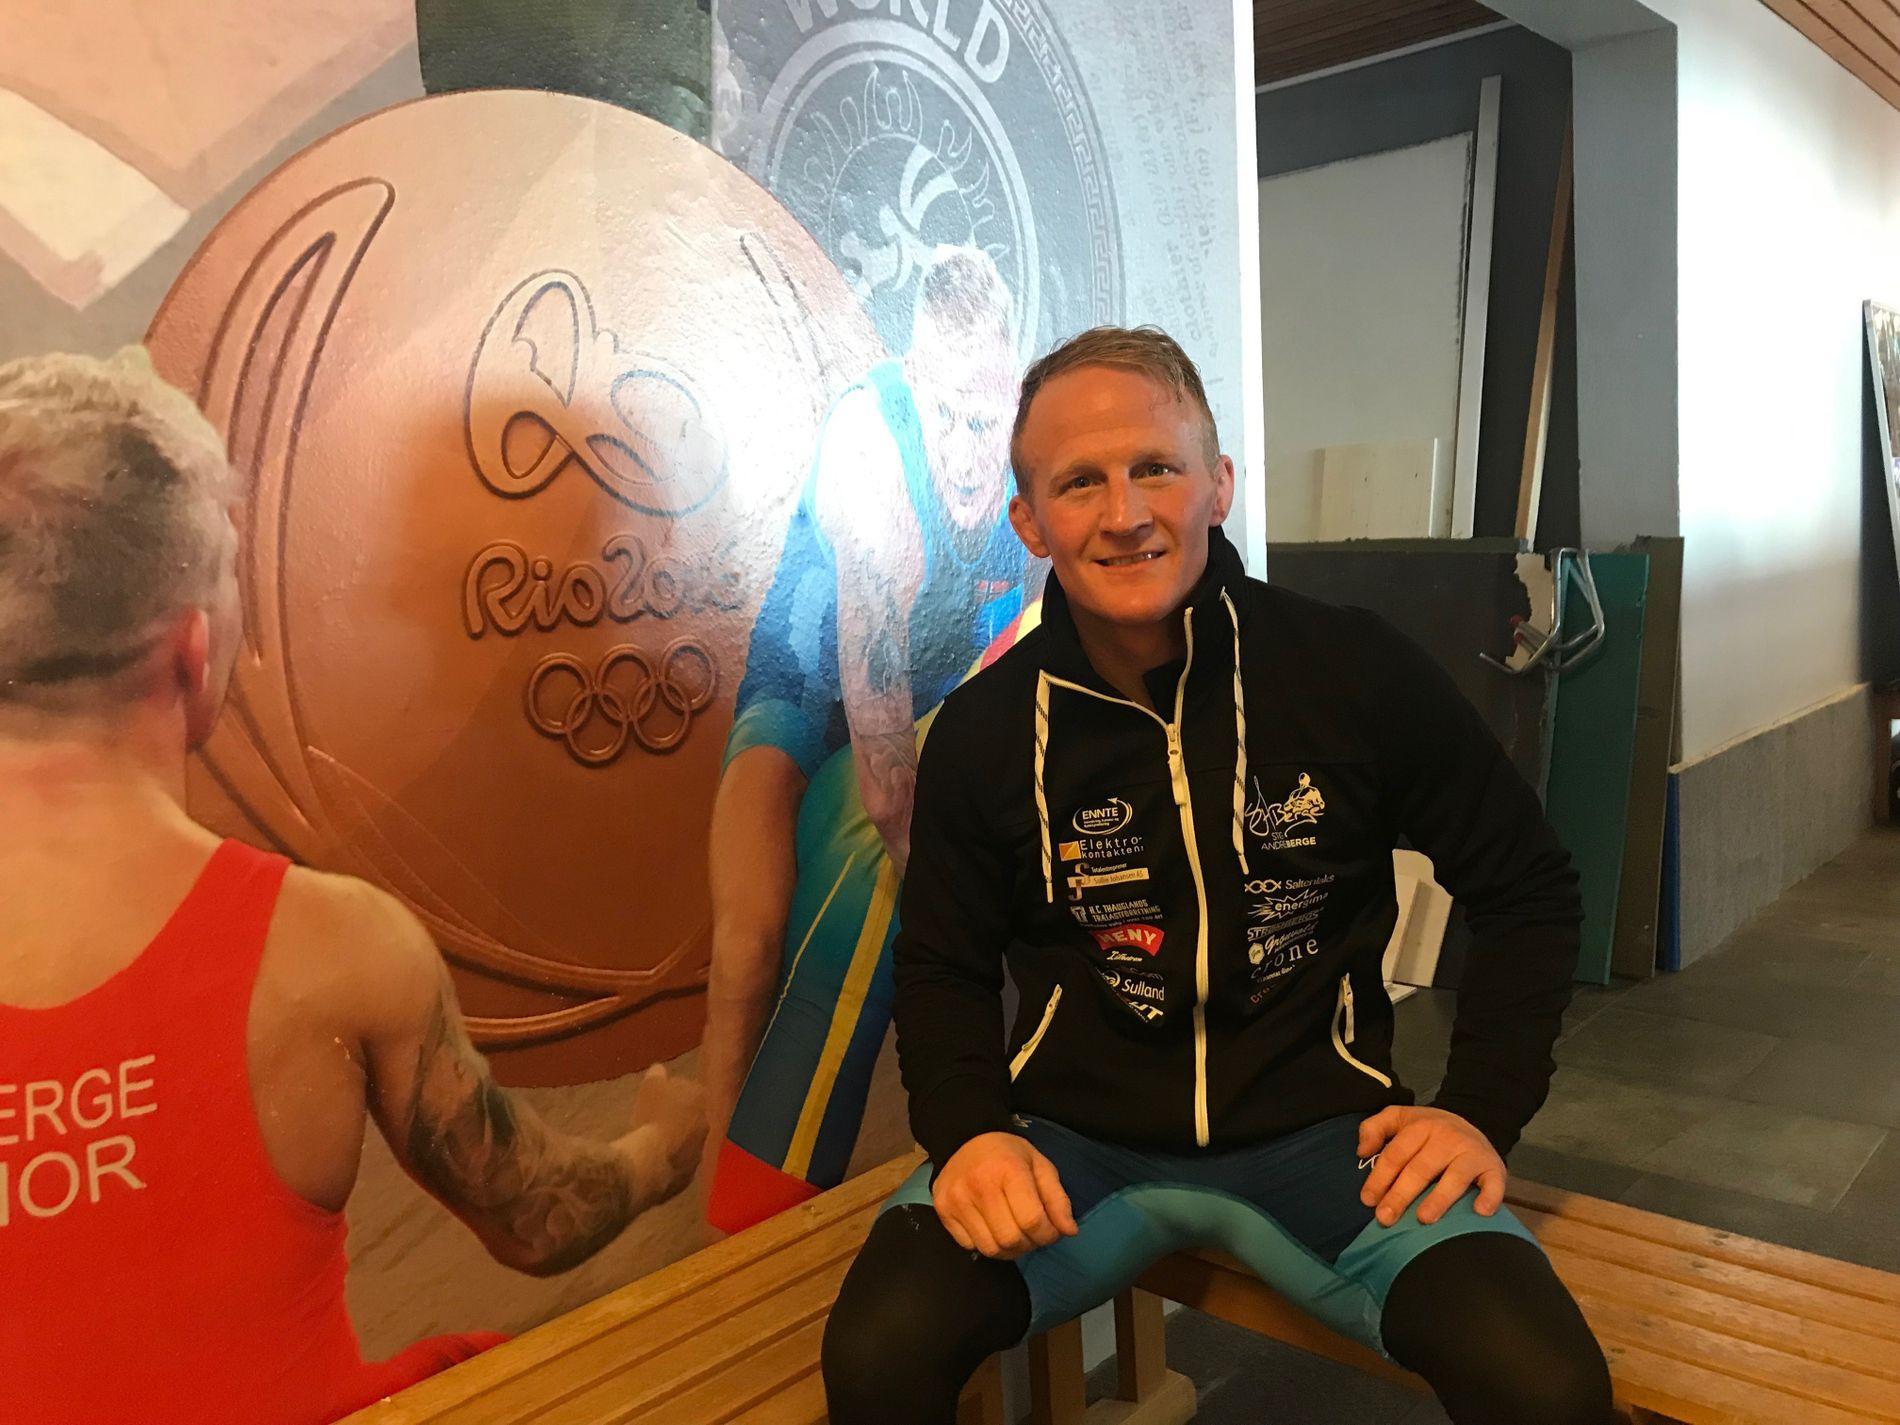 VEGGPRYD: Stig-André Berge (35) må komme blant de seks beste i 60-kilosklassen i VM i Astana i september for å kvalifisere seg til sitt fjerde OL. Her sitter han foran bilder av seg selv som pryder en vegg i treningslokalet på Kalbakken i Oslo.